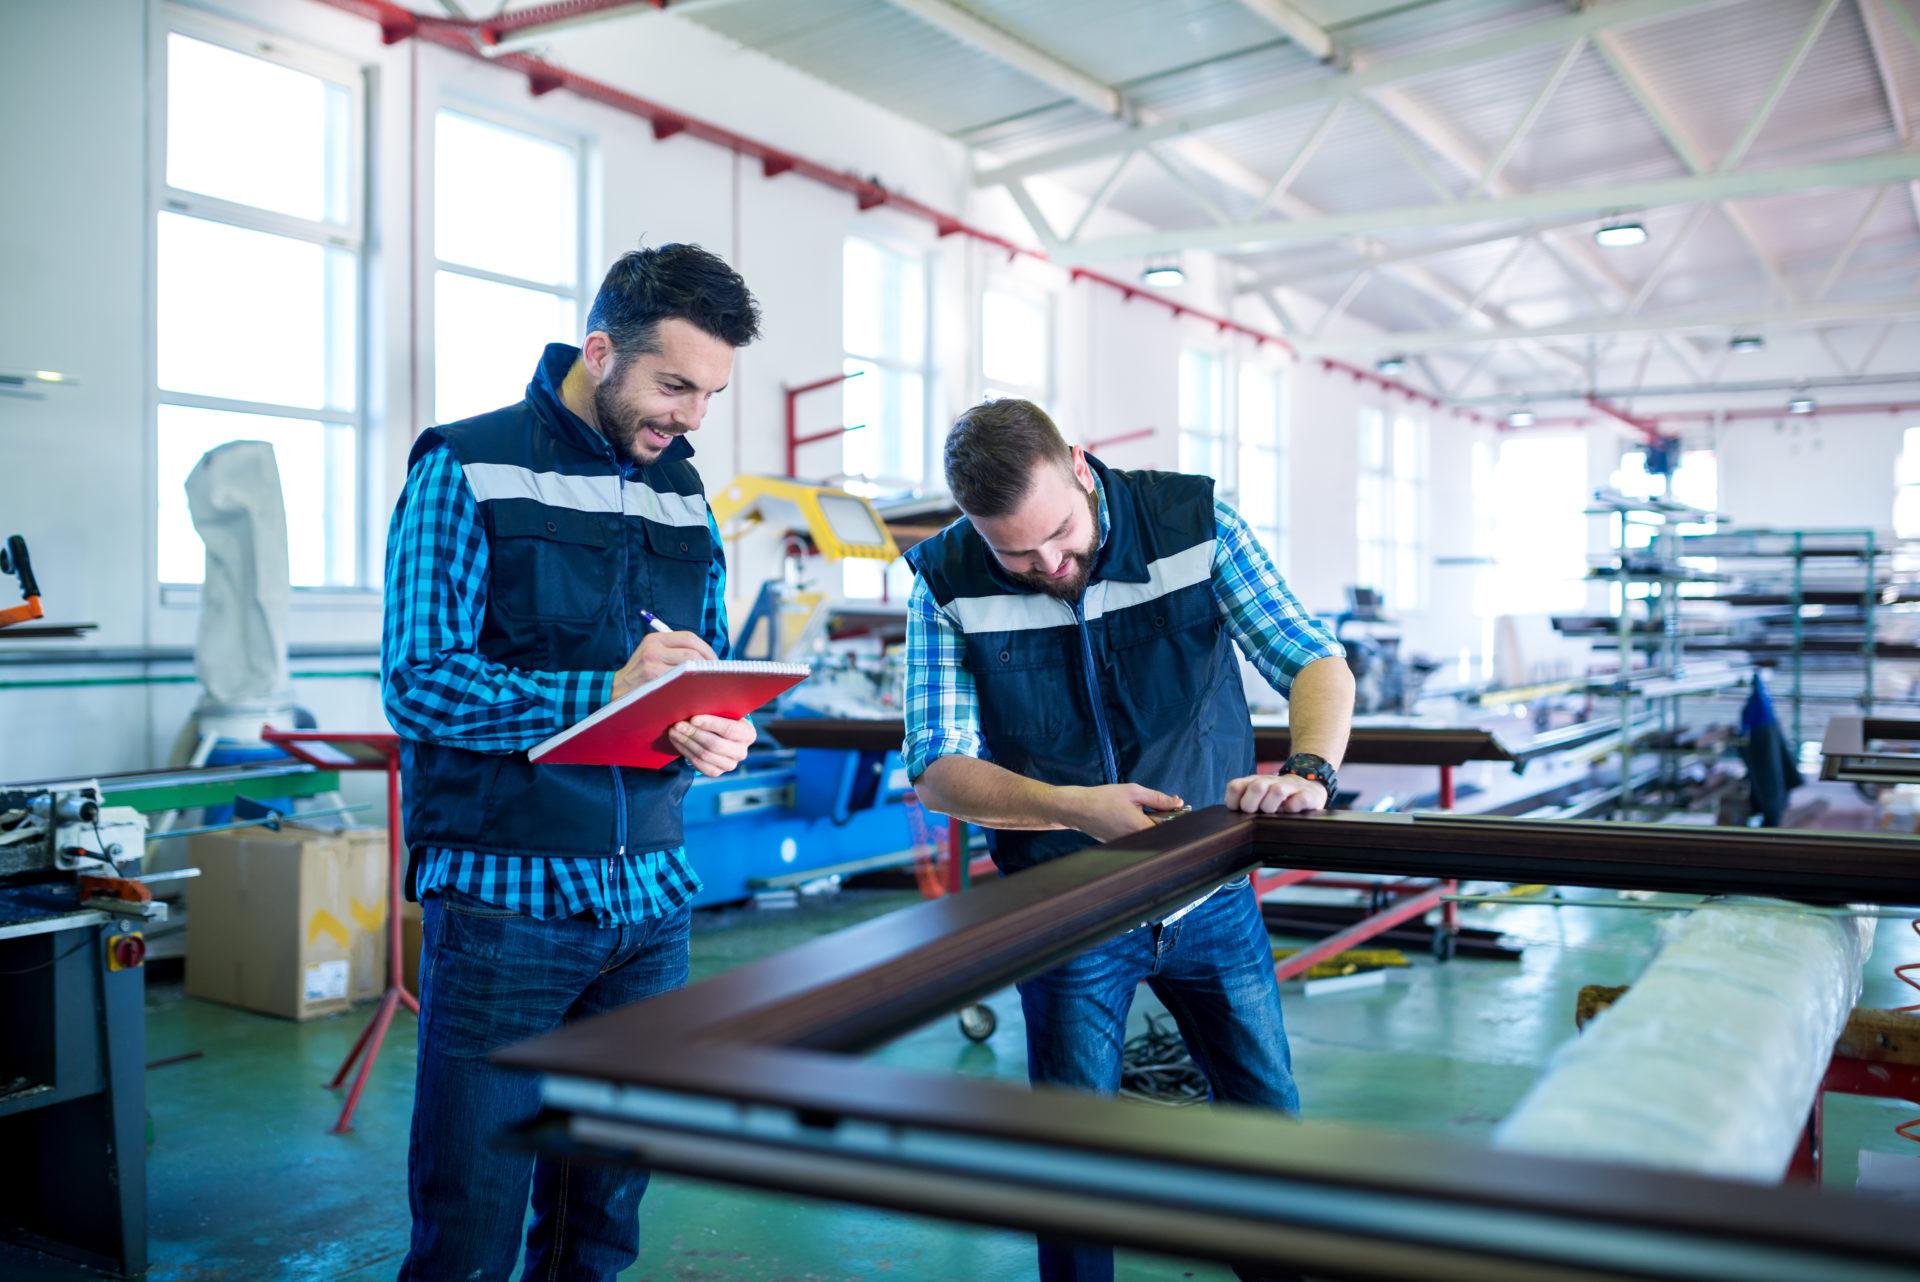 hofi világa szolgáltatások szekció2 tervezés és gyártás